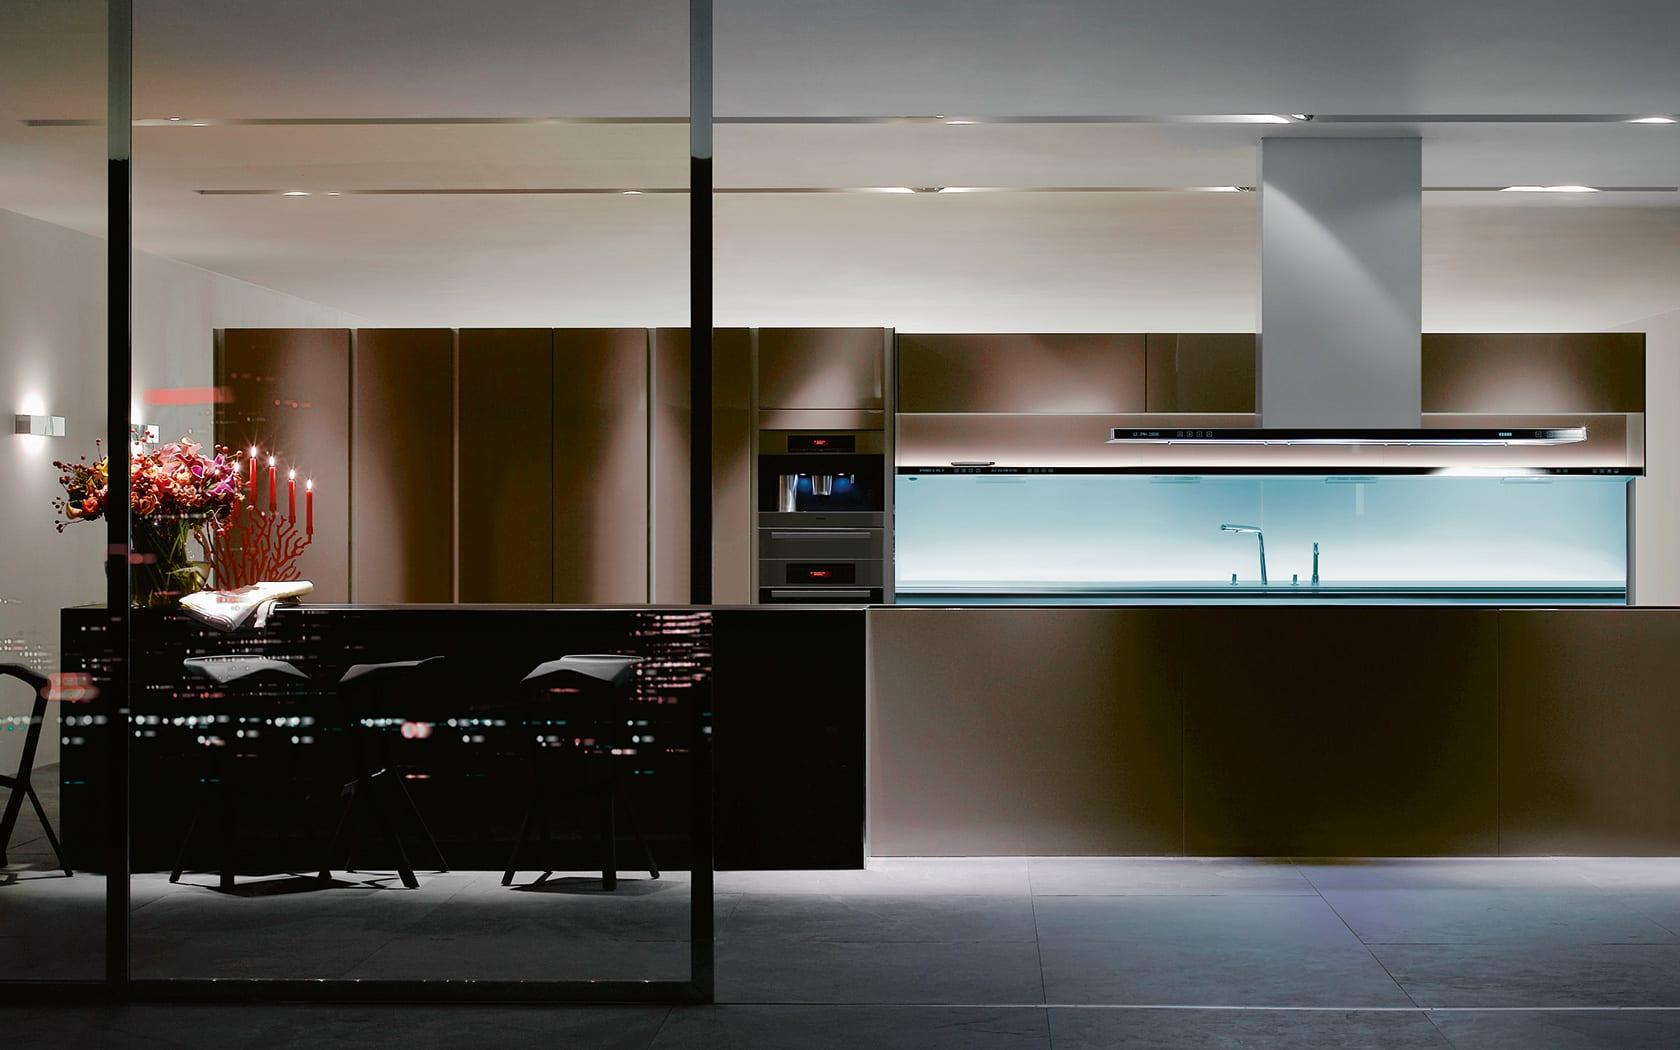 moderne küche mit kochinsel und beleuchtete Küchenarbeitsplatten